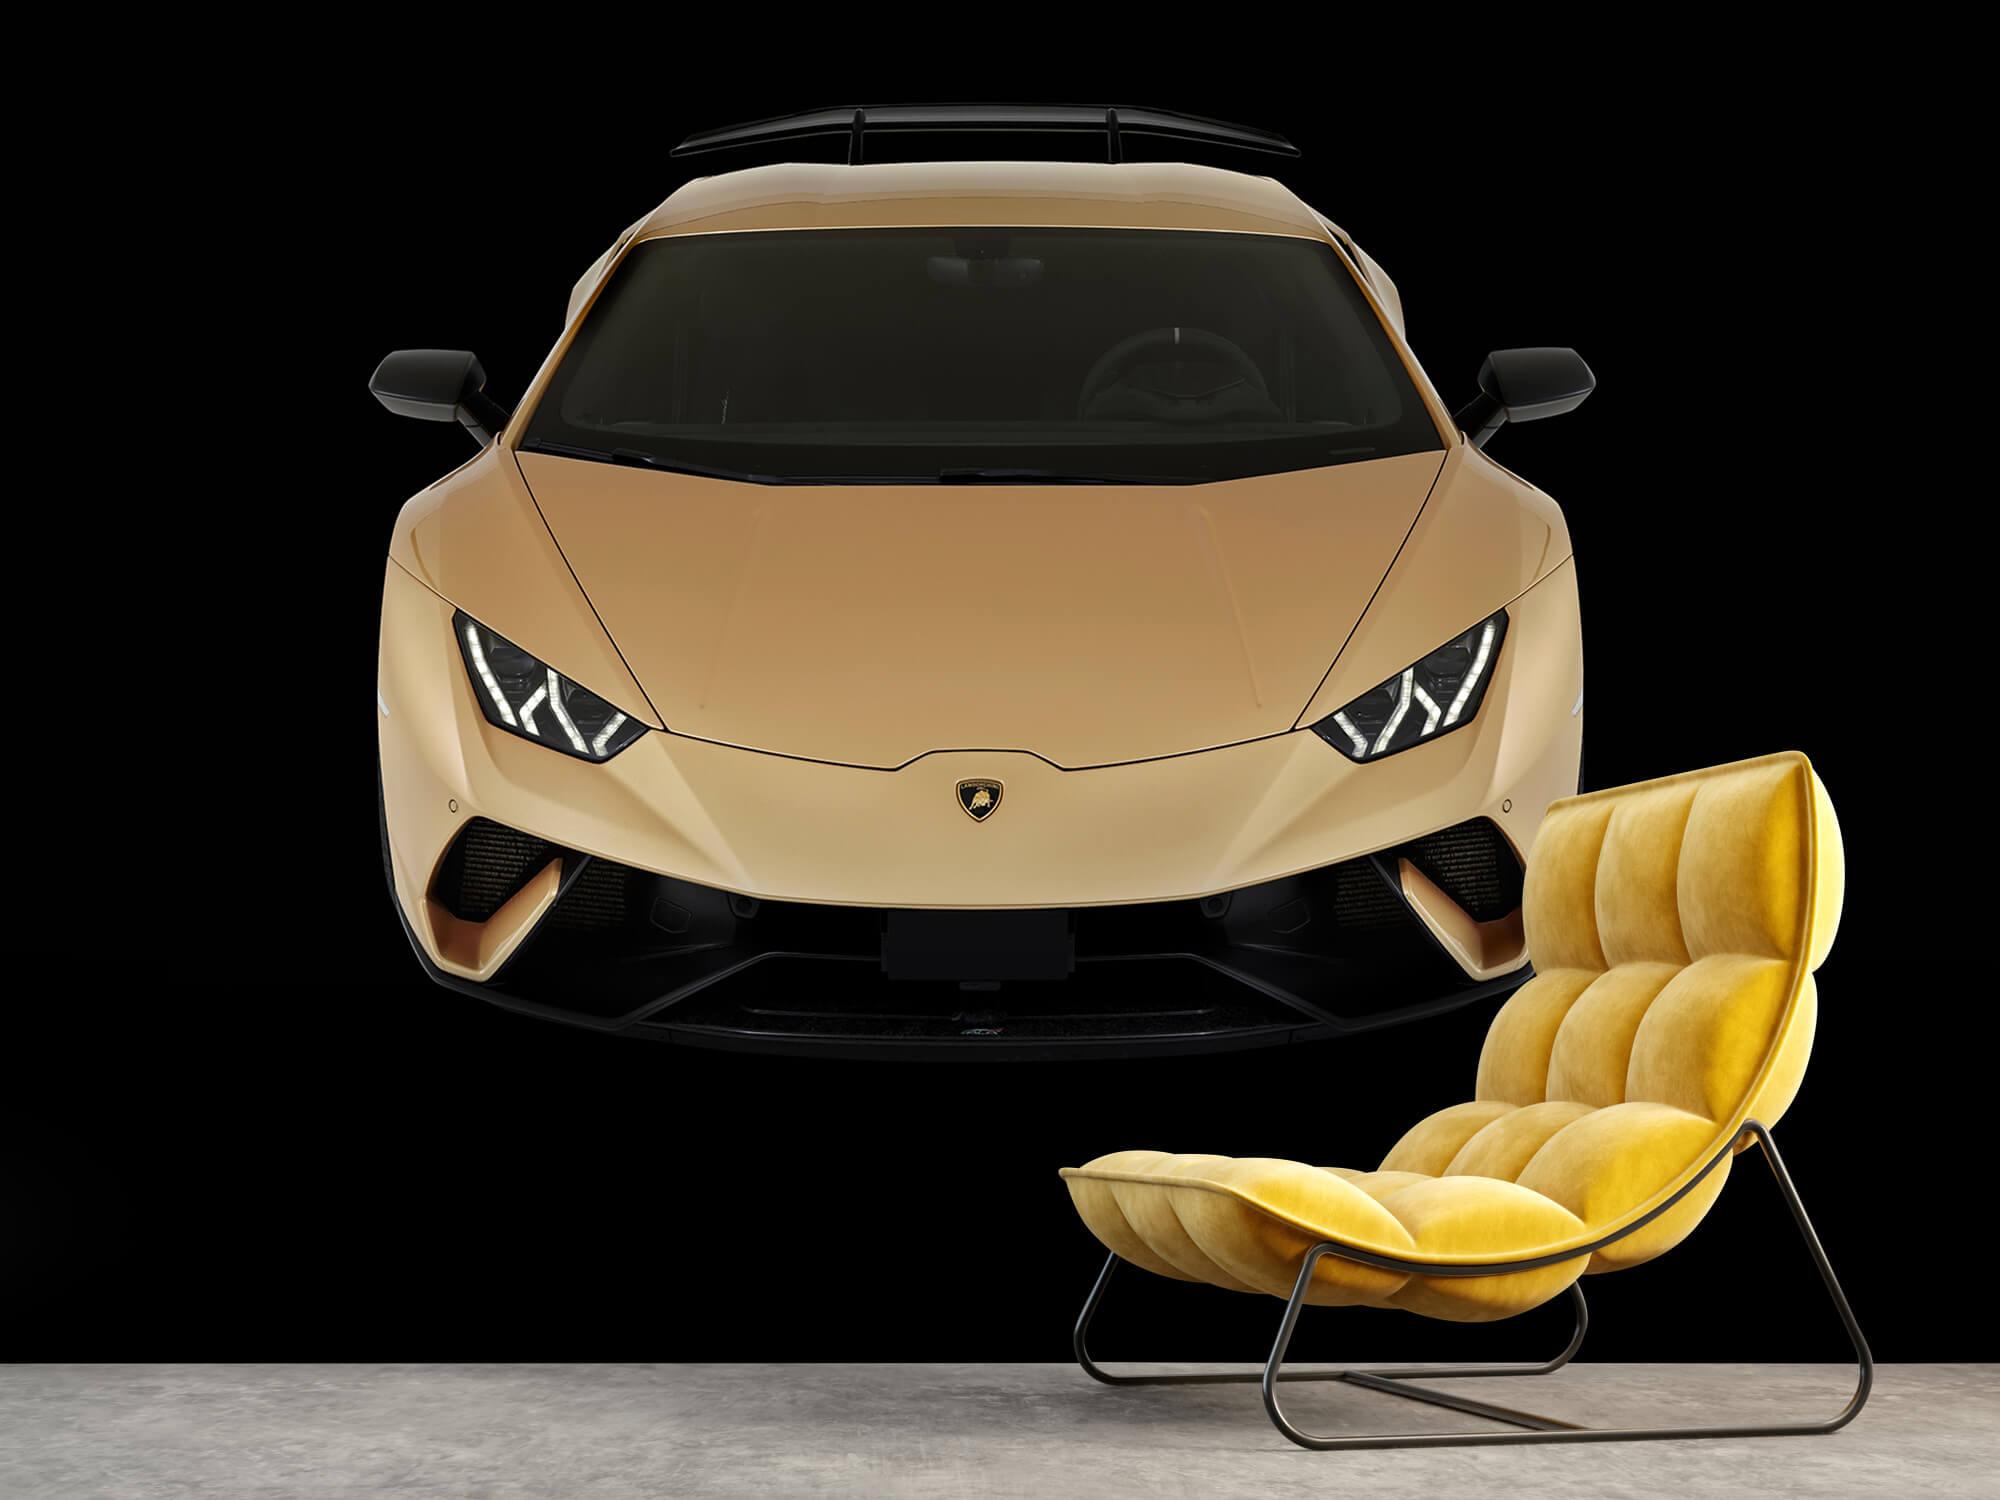 Wallpaper Lamborghini Huracán - Framifrån uppifrån, svart 8